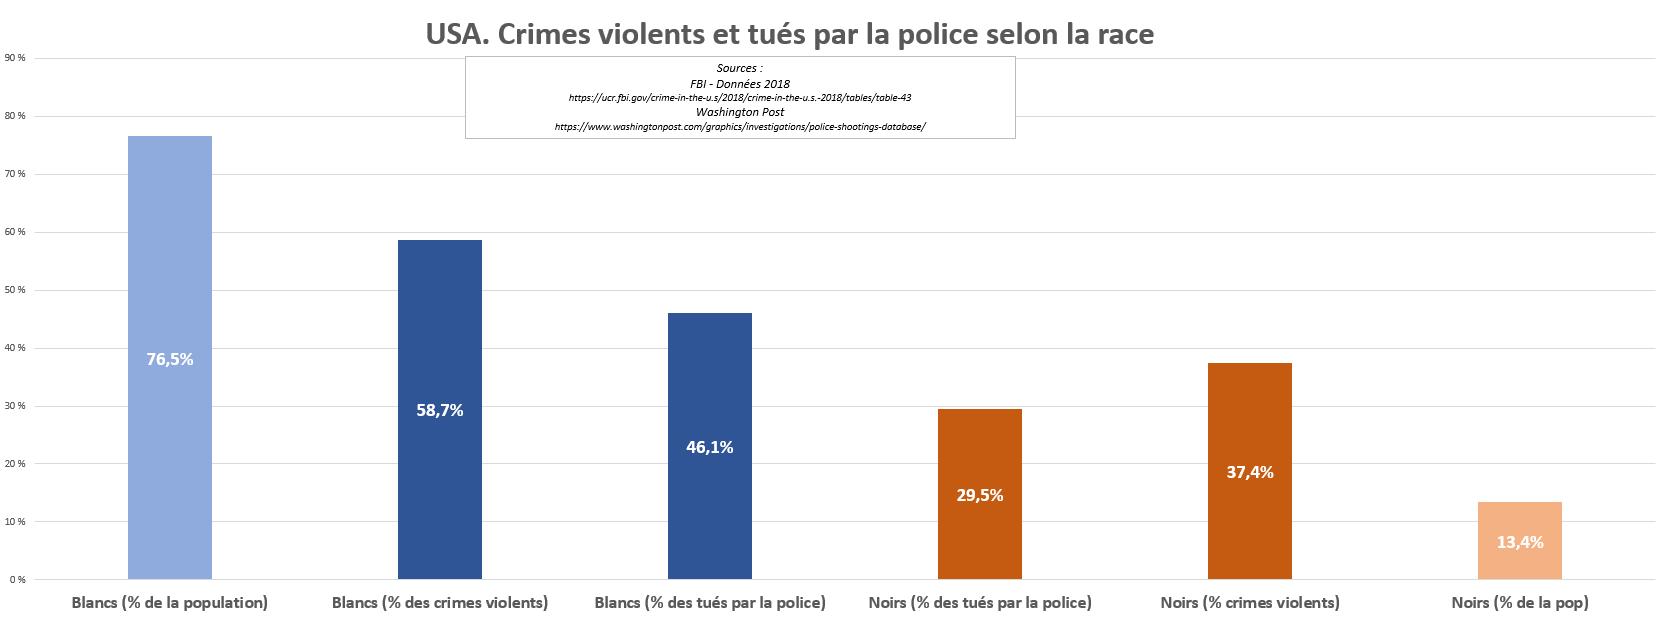 Tableau 4 - Crimes violents et tués par la police selon la race